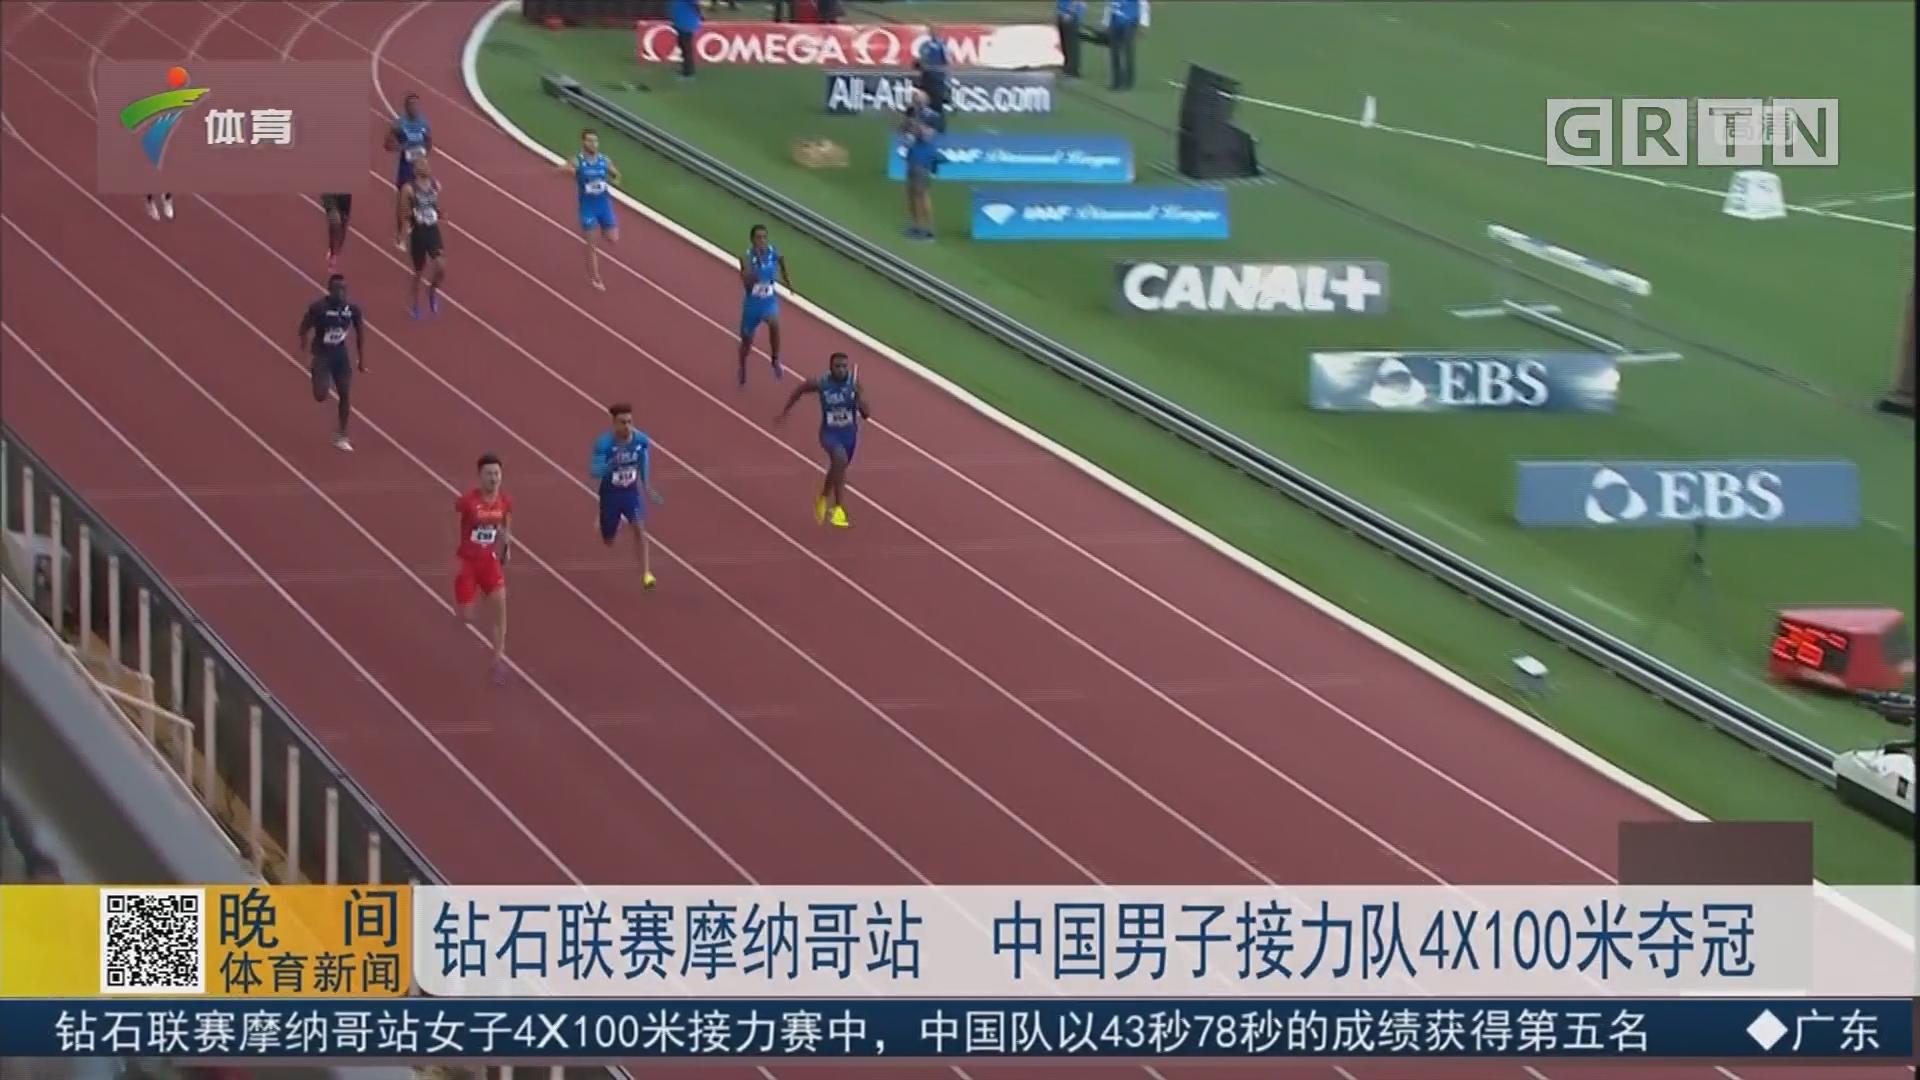 钻石联赛摩纳哥站 中国男子接力队4×100夺冠